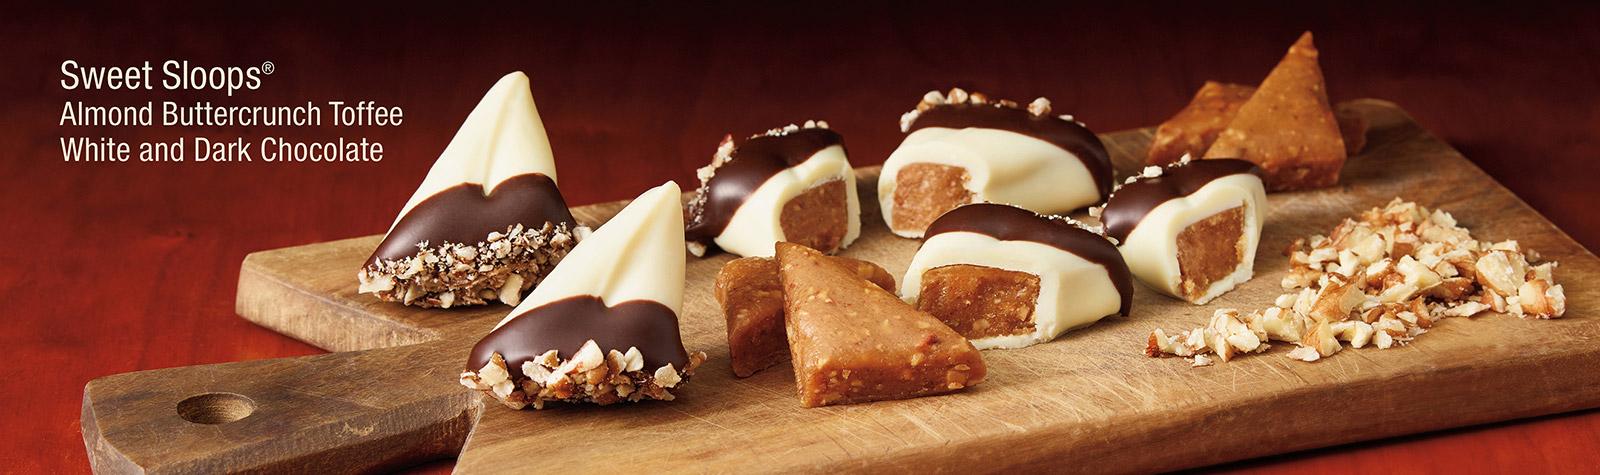 Sweet Sloops- harbor sweets